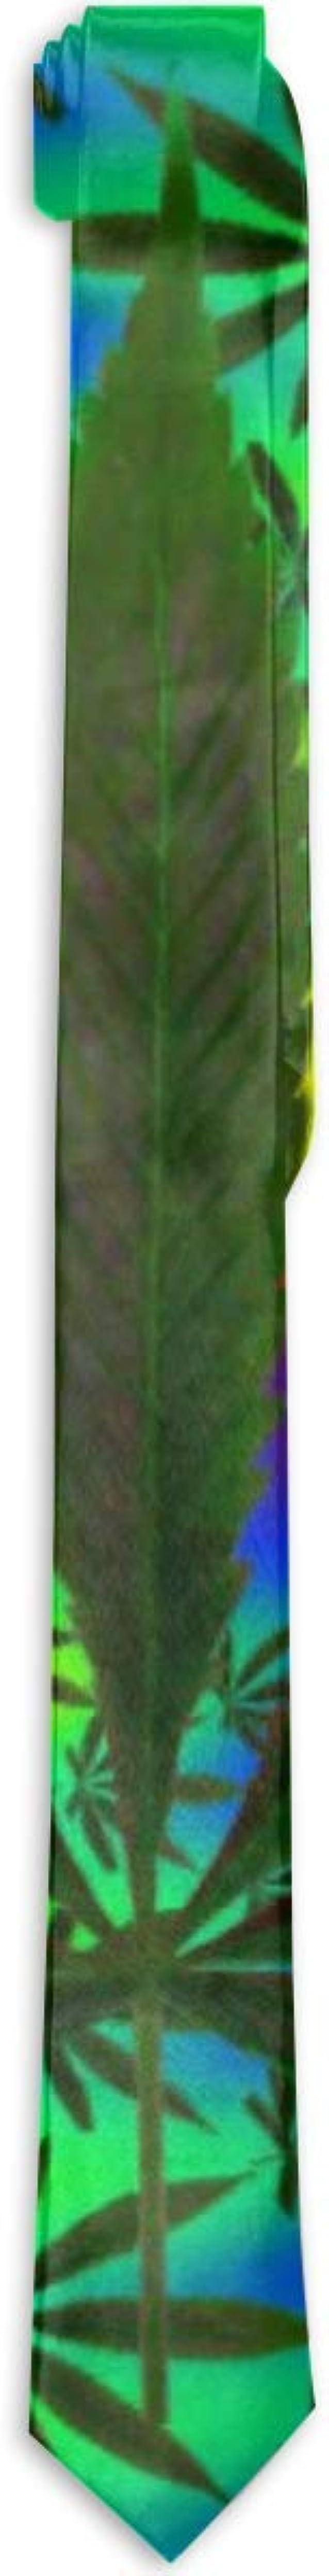 Corbata formal de seda psicodélica multicolor con hojas de ...